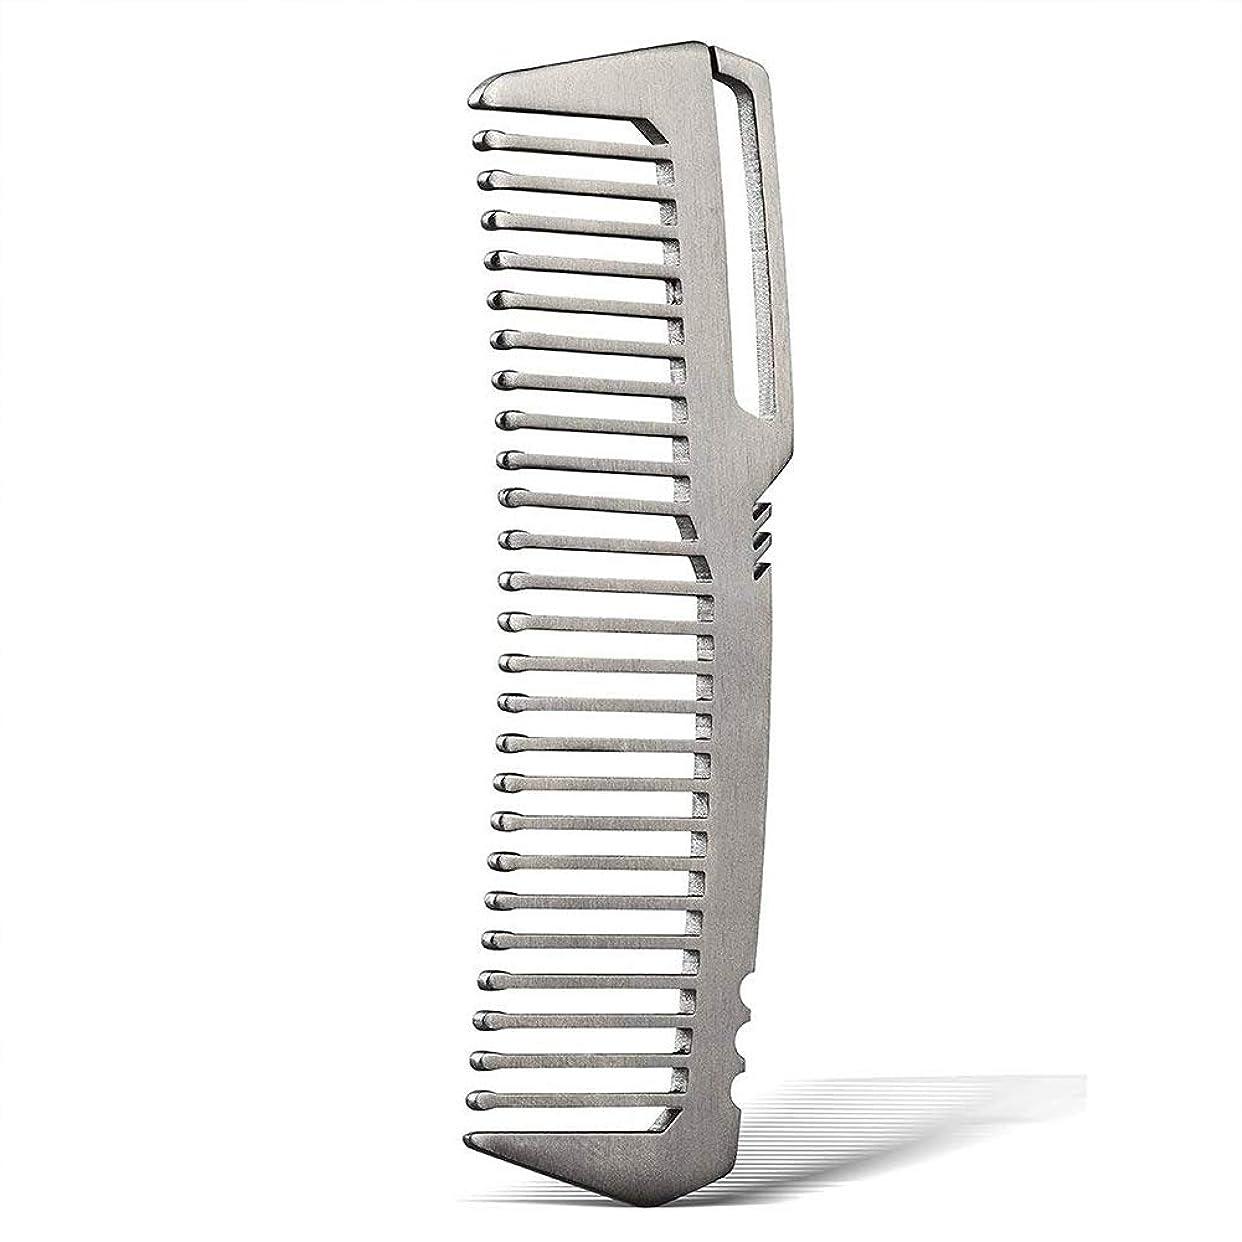 ズボン仲間蒸発するヘアコーム 軽量携帯型コーム 手作り櫛 チタン製ミニヘアコーム 静電気防止可能 ポケットに収納可くし 高級エコ 耐久性あり 10㎝